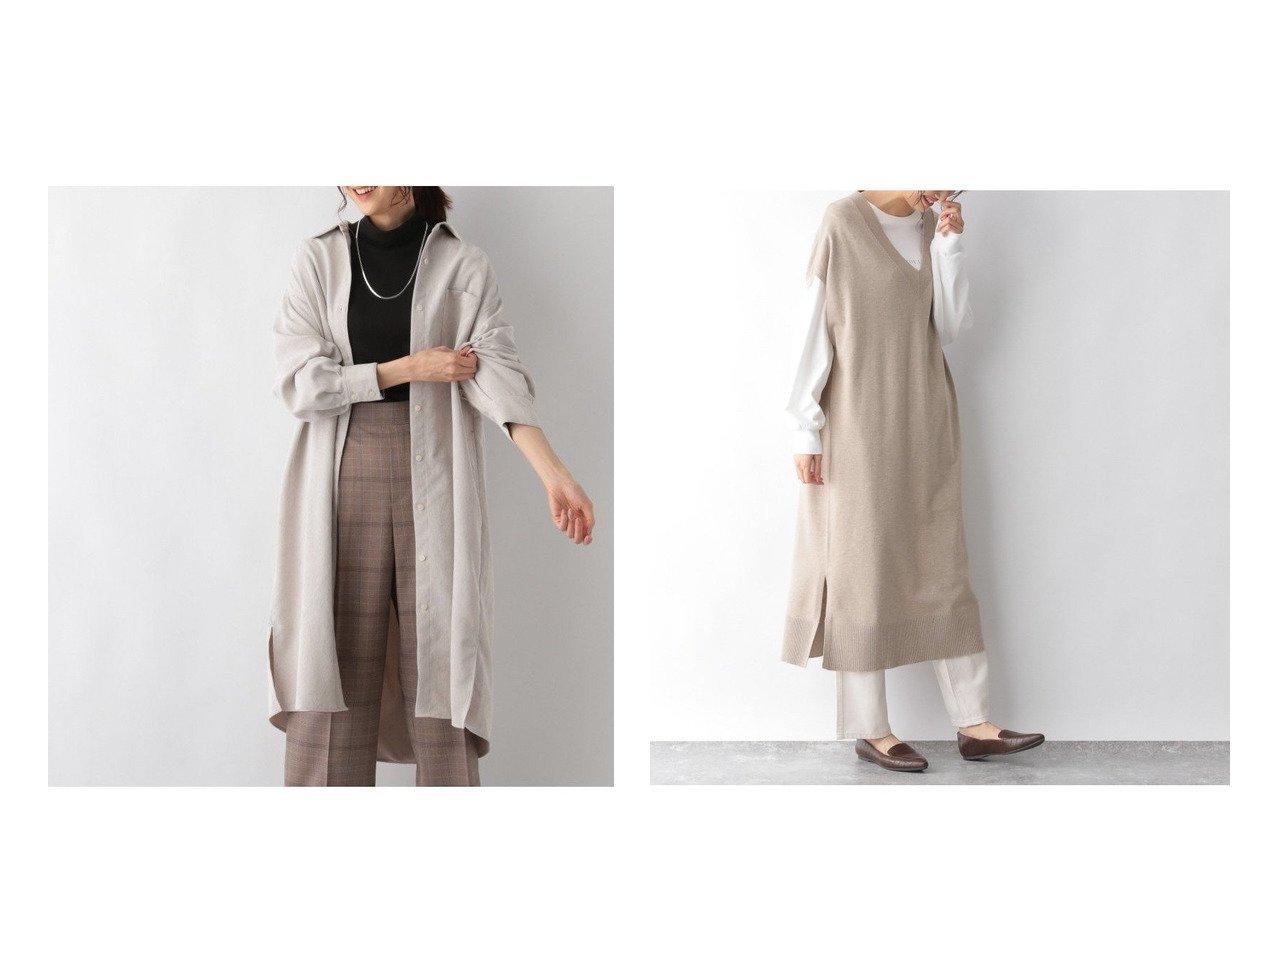 【GLOBAL WORK/グローバルワーク】のニットVフレンチスリーブOP&カロヤカコーデュロイシャツOP 【ワンピース・ドレス】おすすめ!人気、トレンド・レディースファッションの通販 おすすめで人気の流行・トレンド、ファッションの通販商品 インテリア・家具・メンズファッション・キッズファッション・レディースファッション・服の通販 founy(ファニー) https://founy.com/ ファッション Fashion レディースファッション WOMEN ワンピース Dress ニットワンピース Knit Dresses おすすめ Recommend スリーブ ノースリーブ フレンチ ベスト 秋 Autumn/Fall NEW・新作・新着・新入荷 New Arrivals タートル ボトム ロング 軽量 長袖 |ID:crp329100000071264